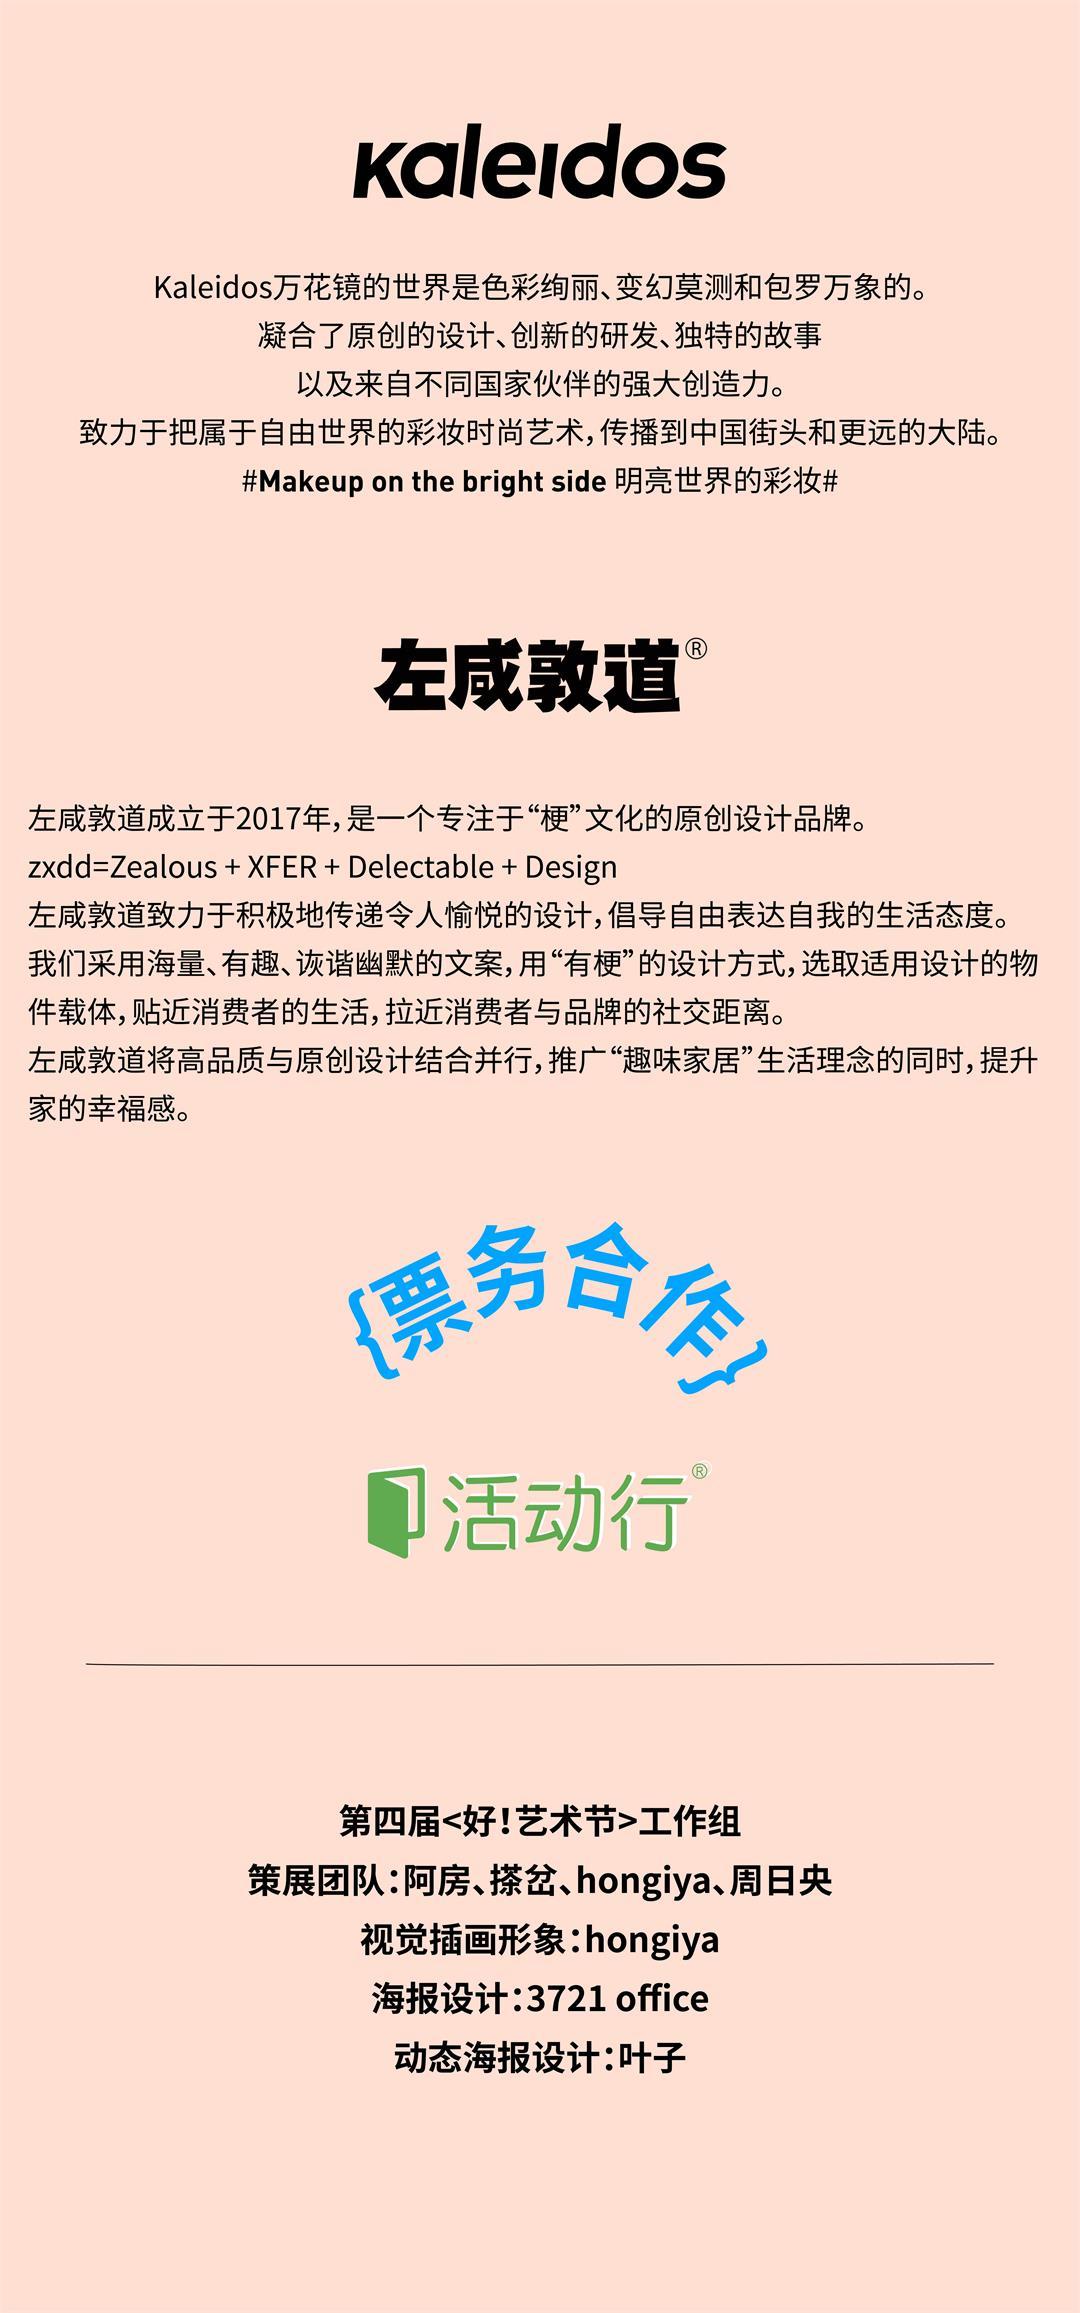 招募推文 2-12.jpg